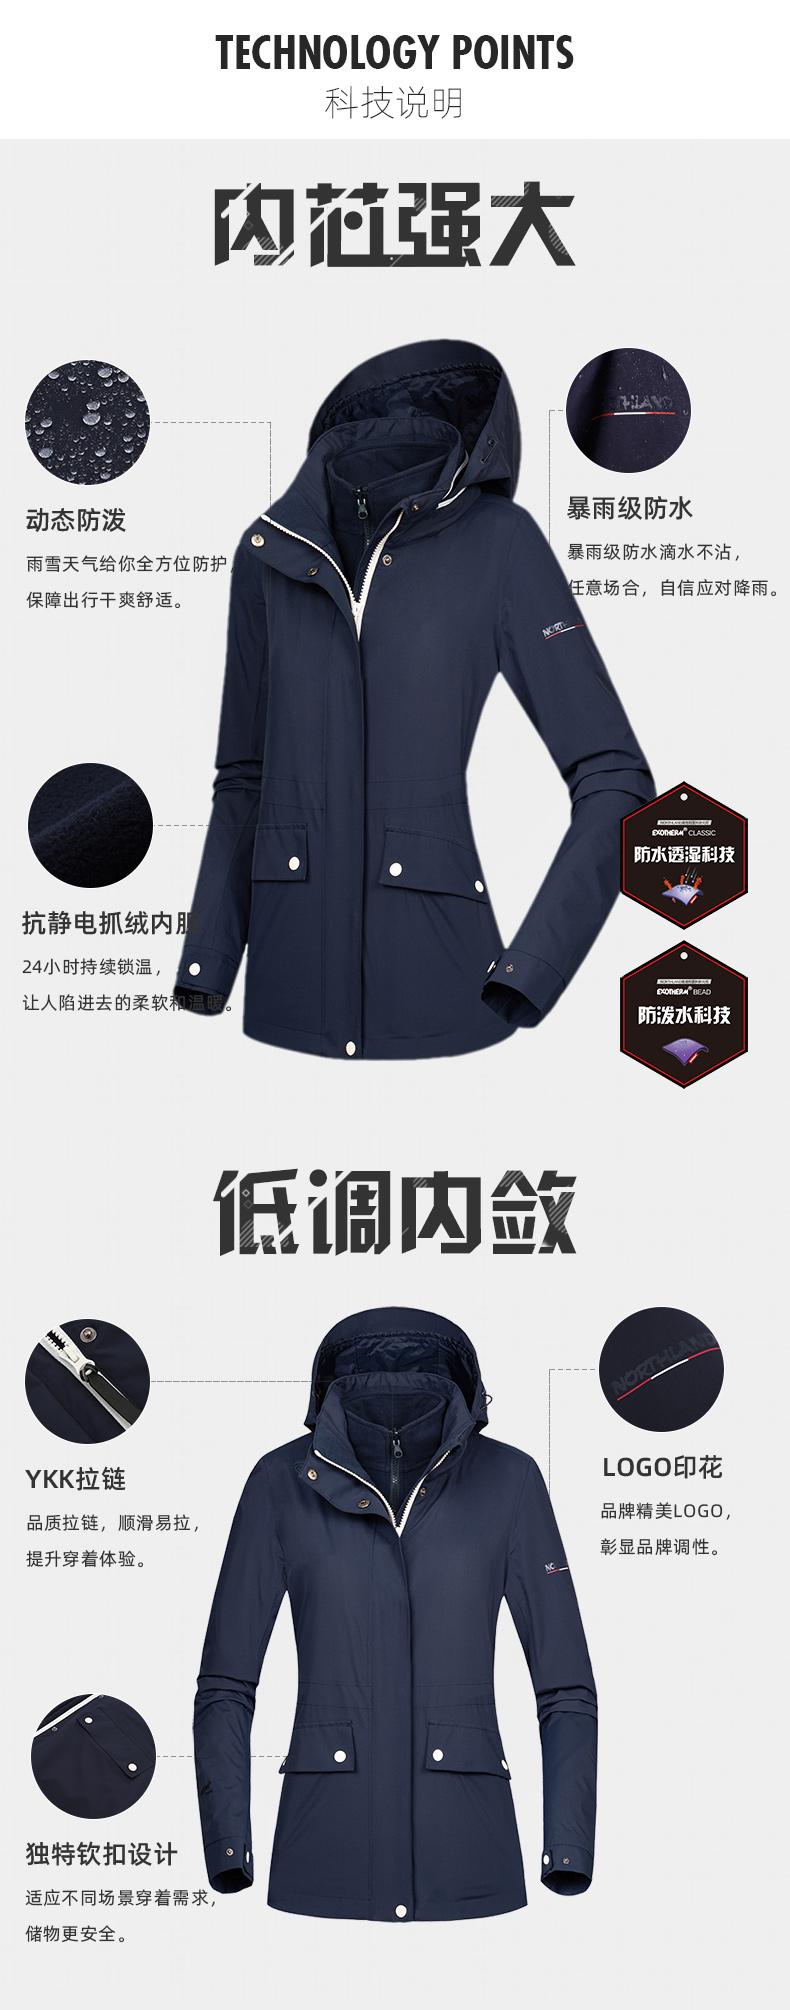 诺诗兰 男女款 旅行系列 三合一冲锋衣 可防暴雨 图3